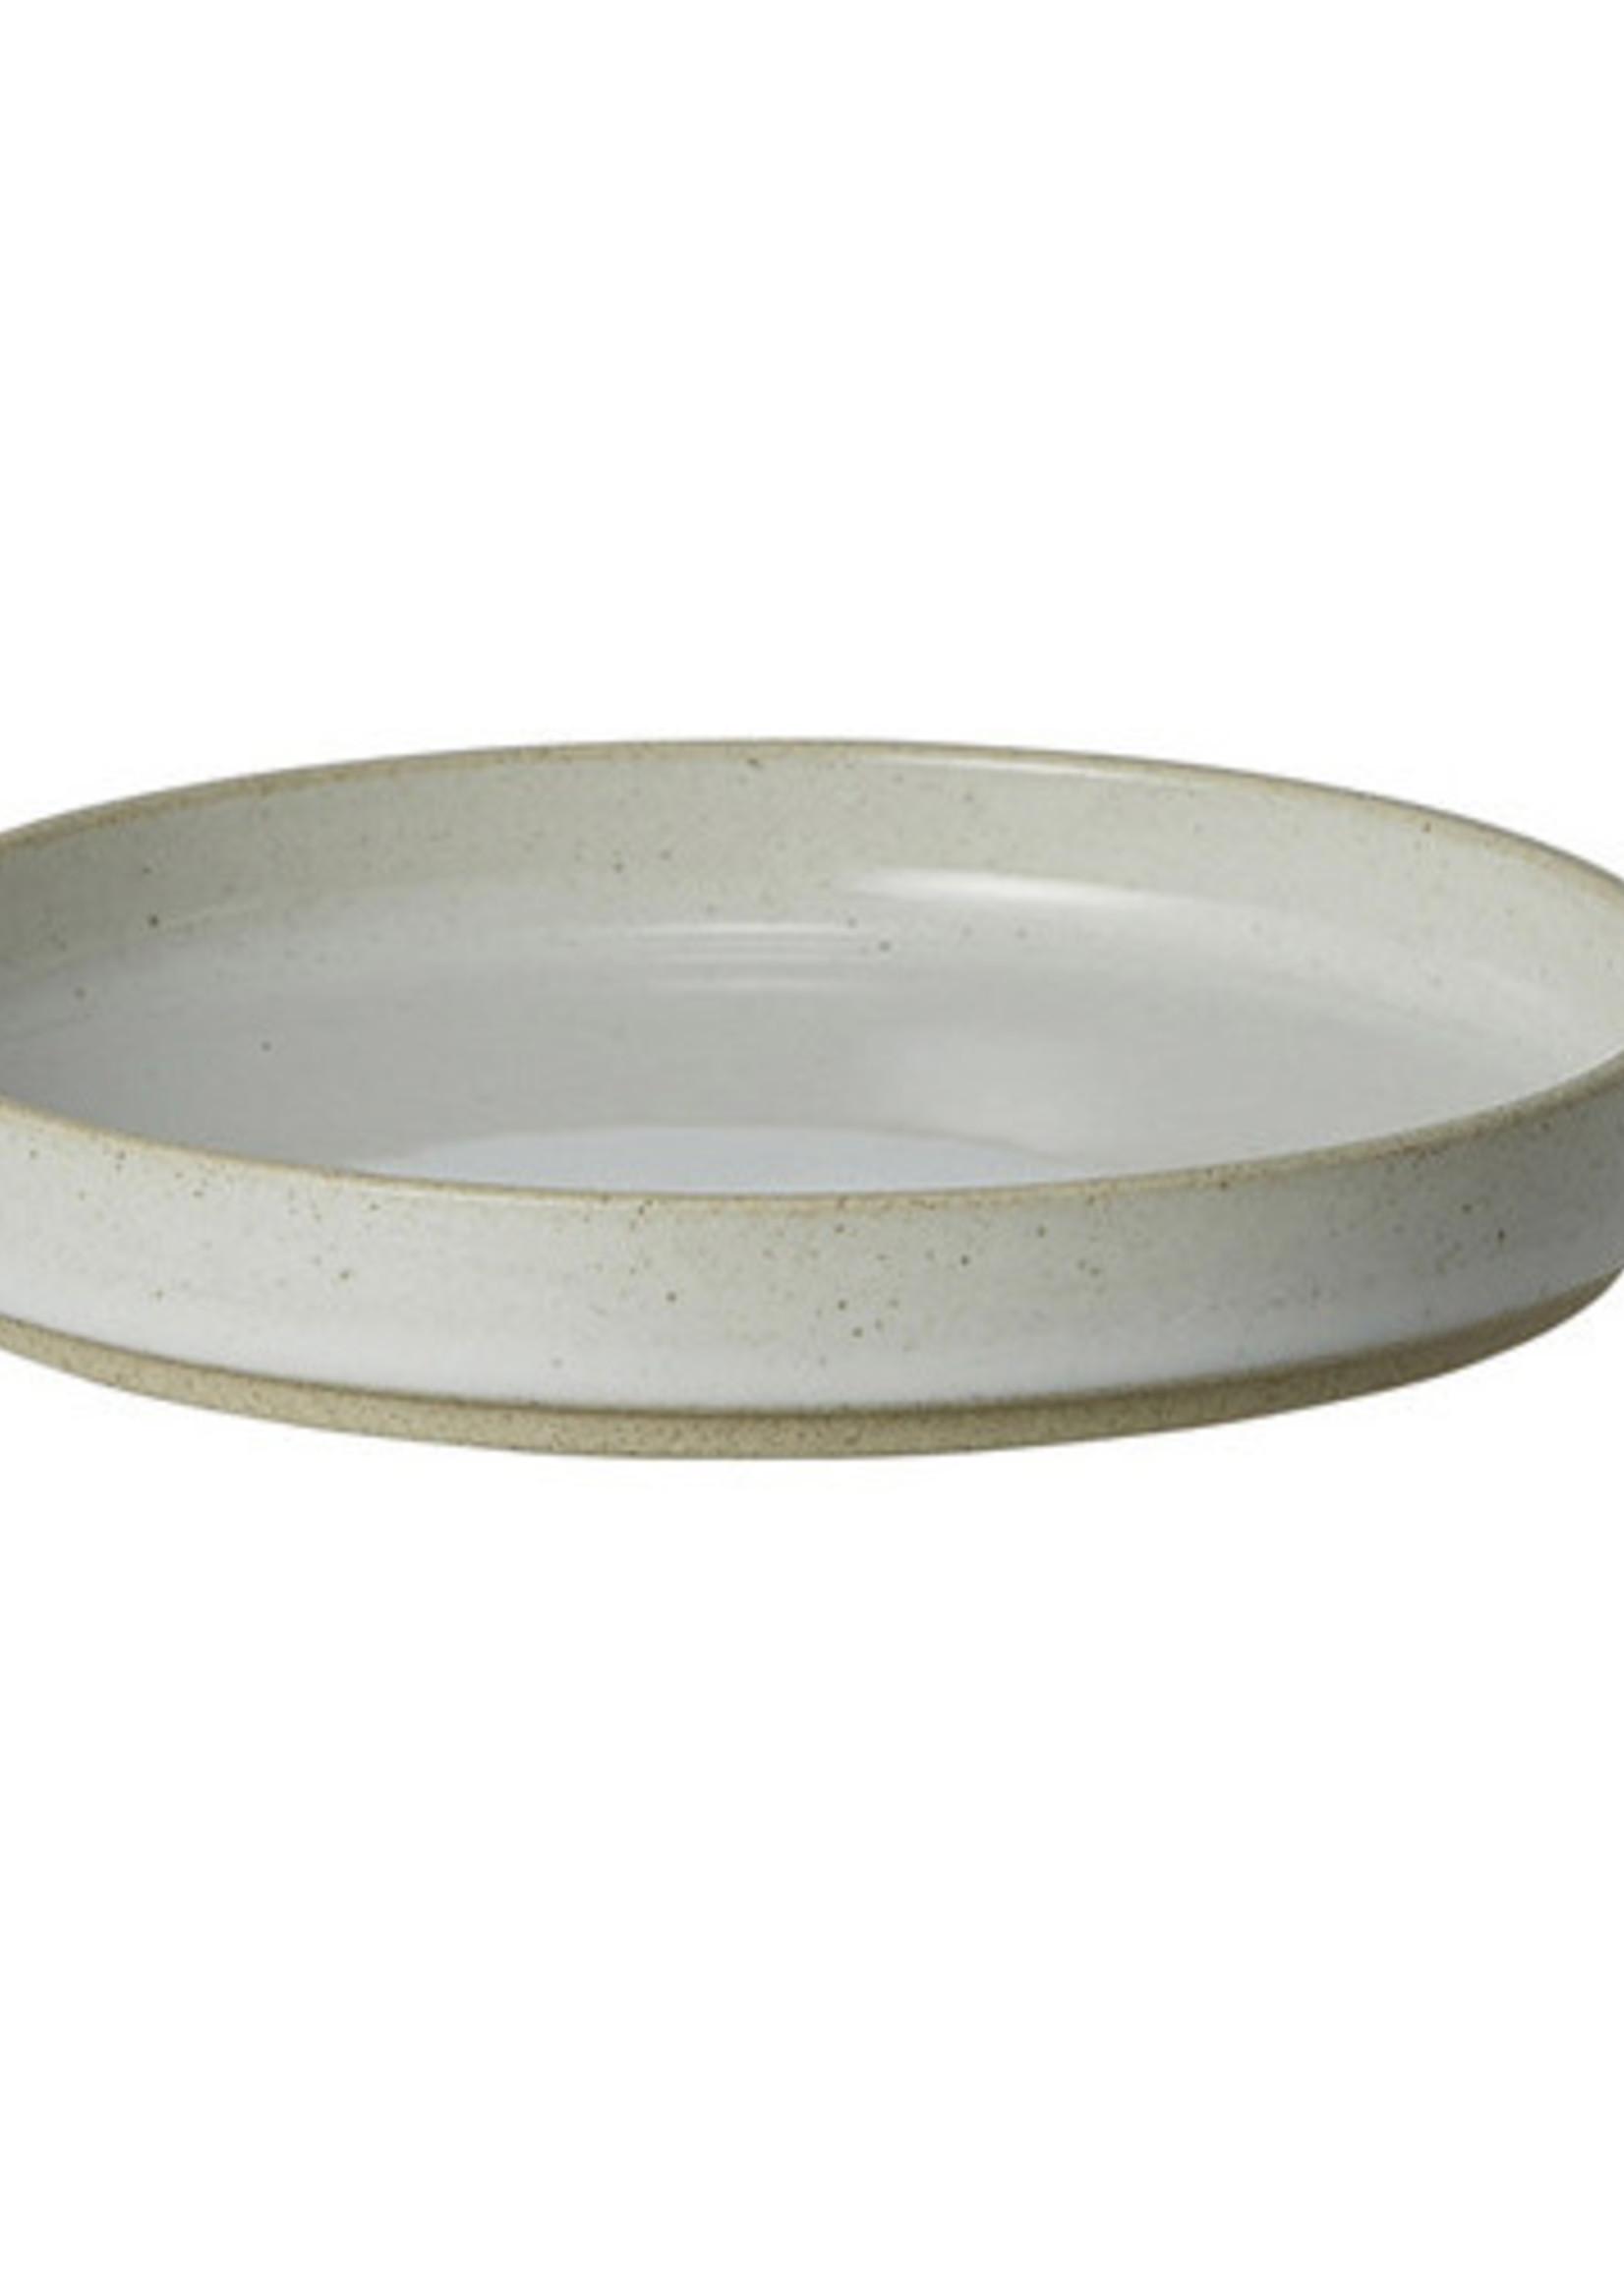 Hasami Plate HPM002